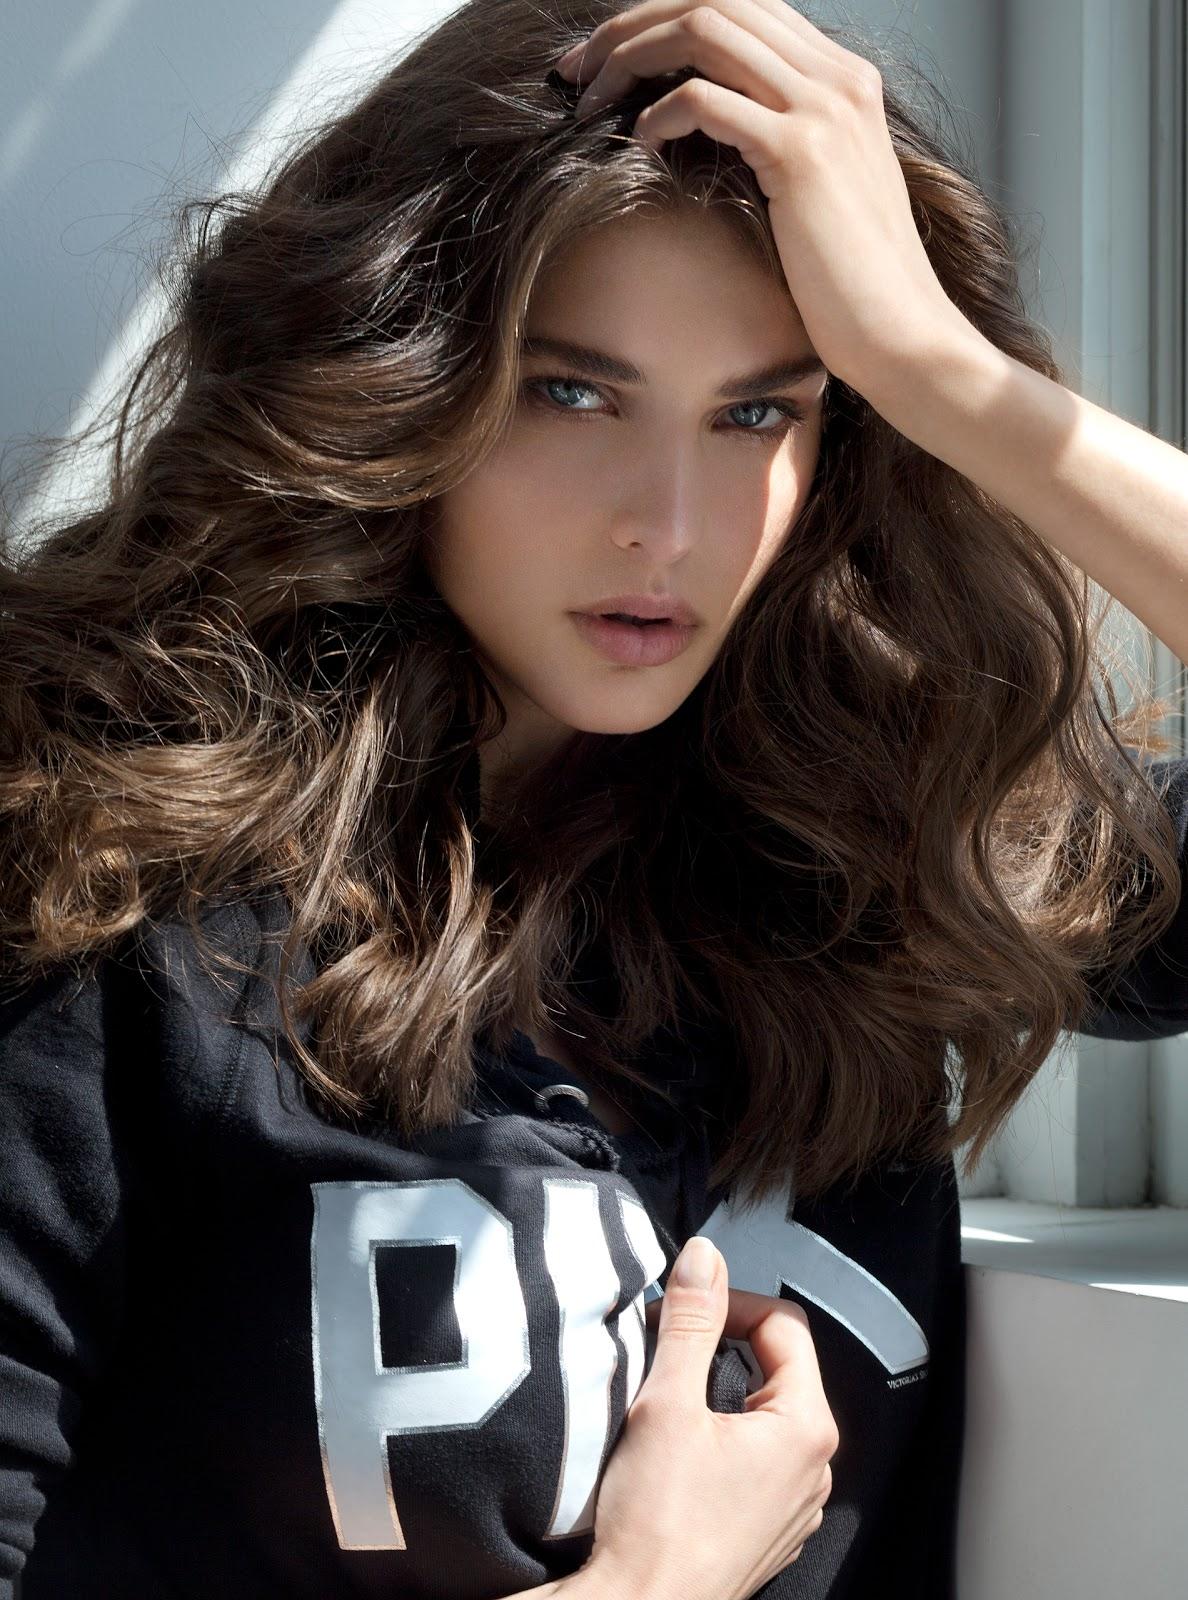 Profile Models: TOTALLY TAMARA